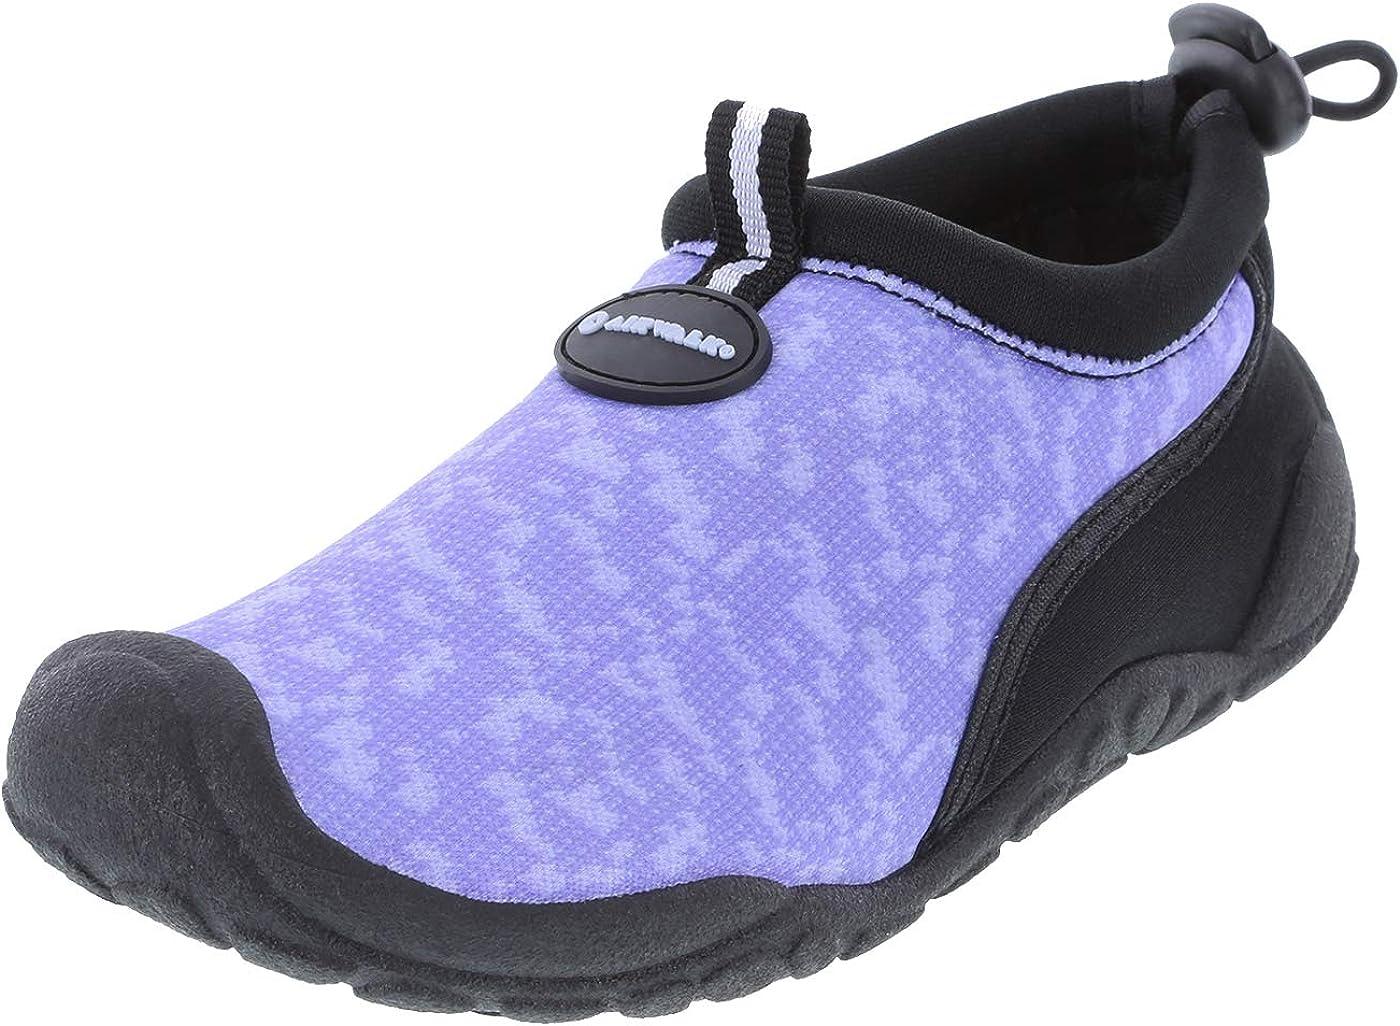 Airwalk Kids' Toddler Fashion Water Sock